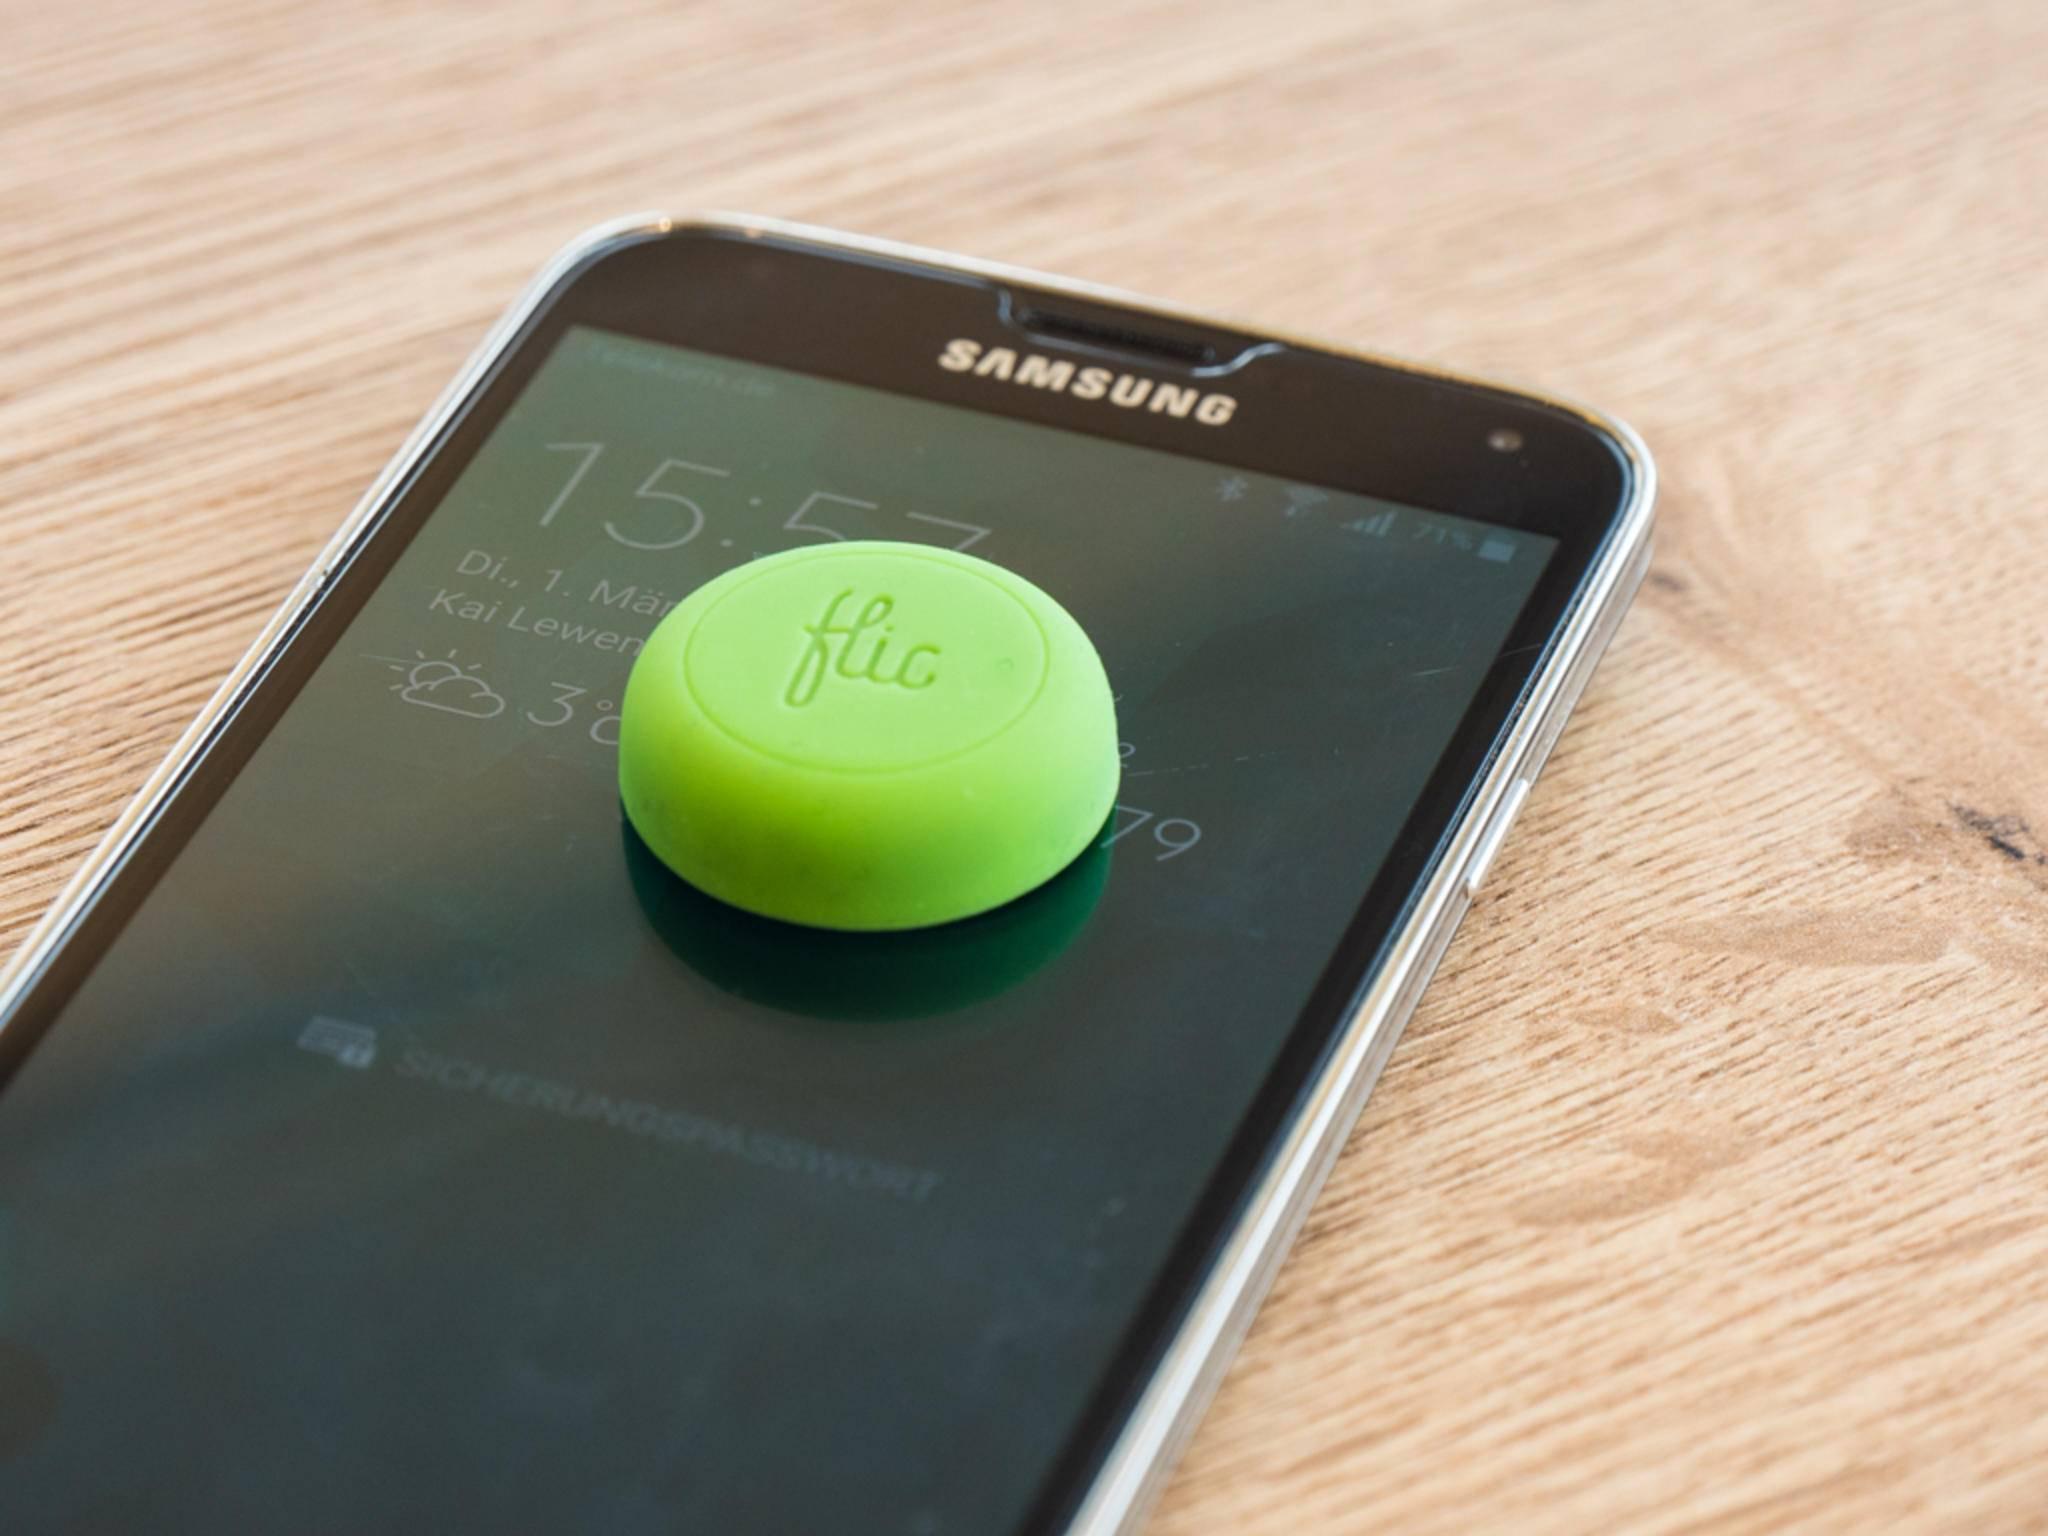 Per Smartphone können die Flic-Aktionen gesteuert und konfiguriert werden.